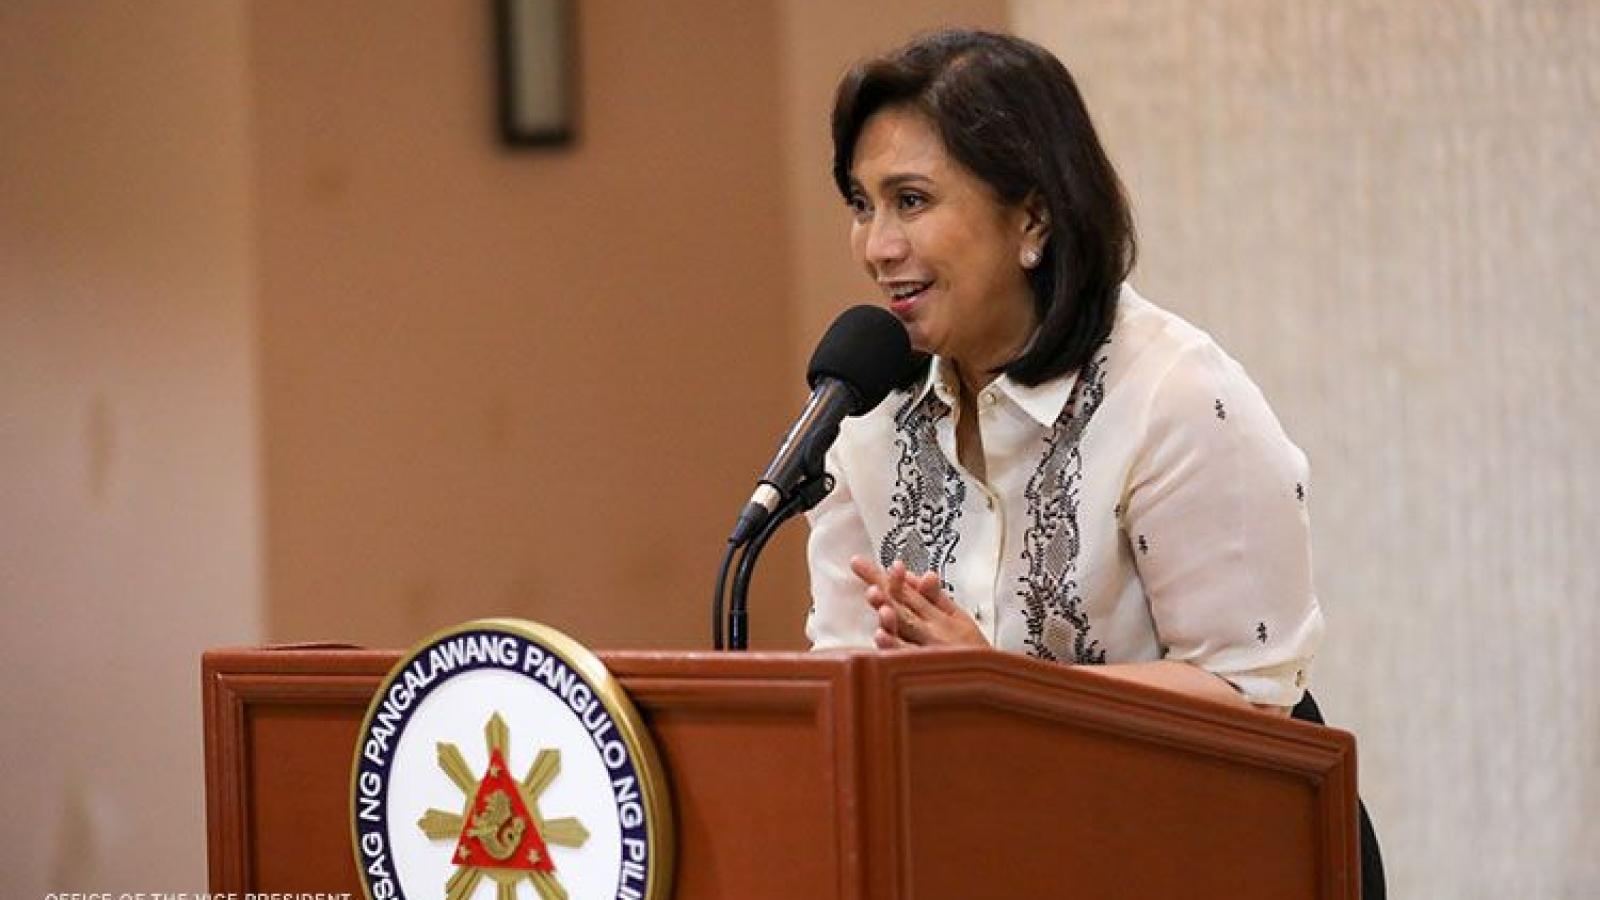 """Philippines thắng Trung Quốc tại Tòa Trọng tài: 5 năm """"bỏ lỡ cơ hội"""""""